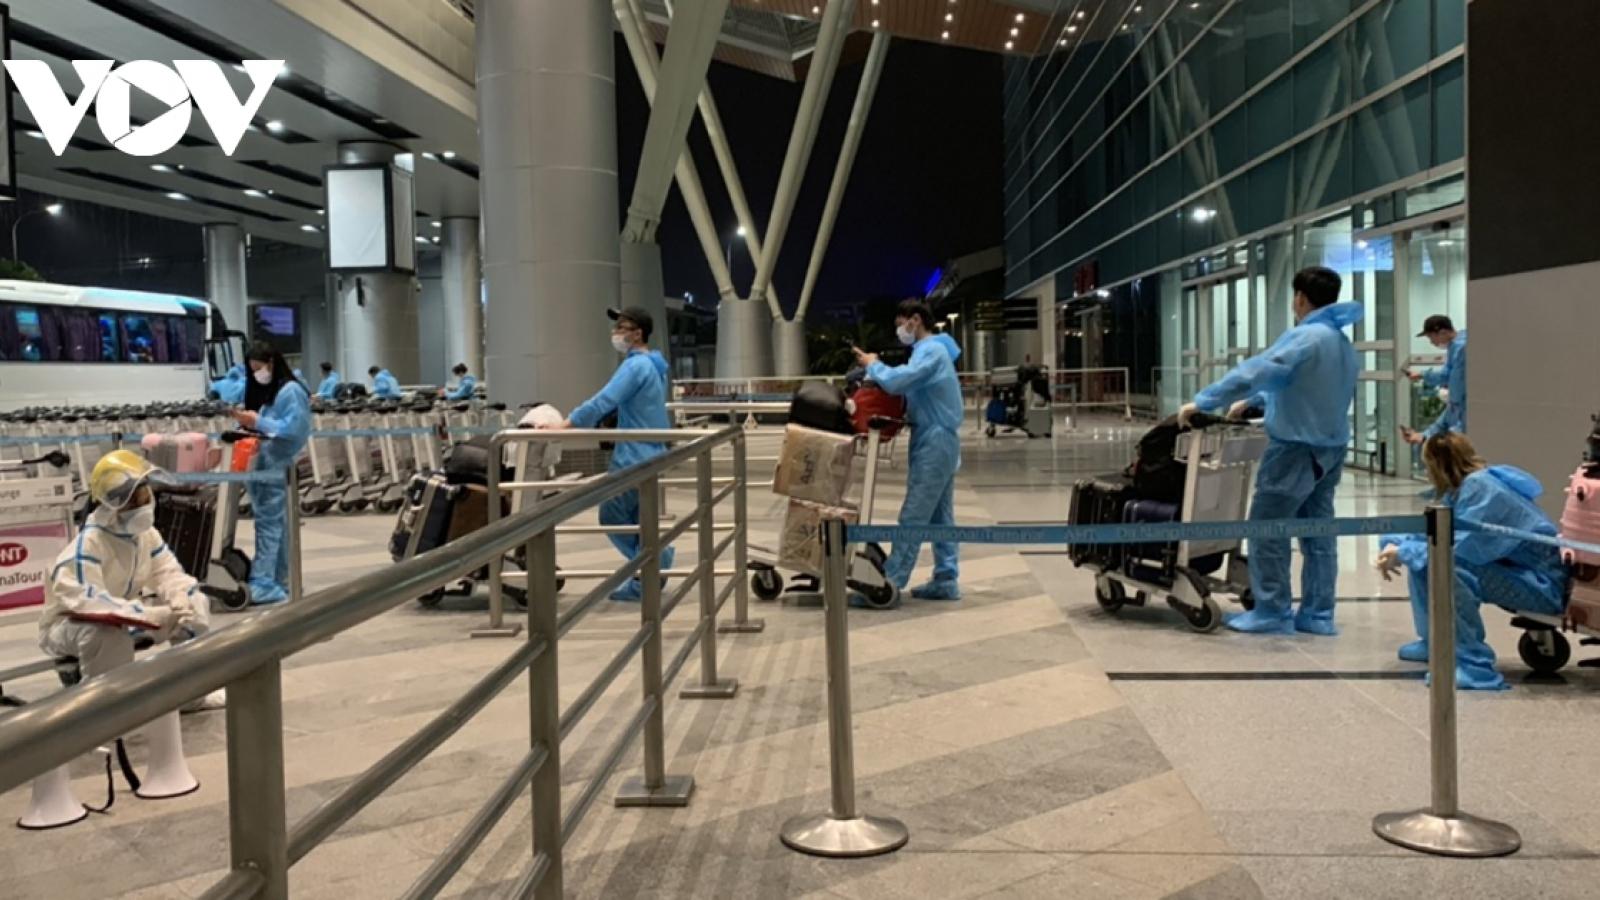 Việt Nam sẽ linh hoạt chính sách xuất nhập cảnh, phù hợp với thực tiễn dịch Covid-19